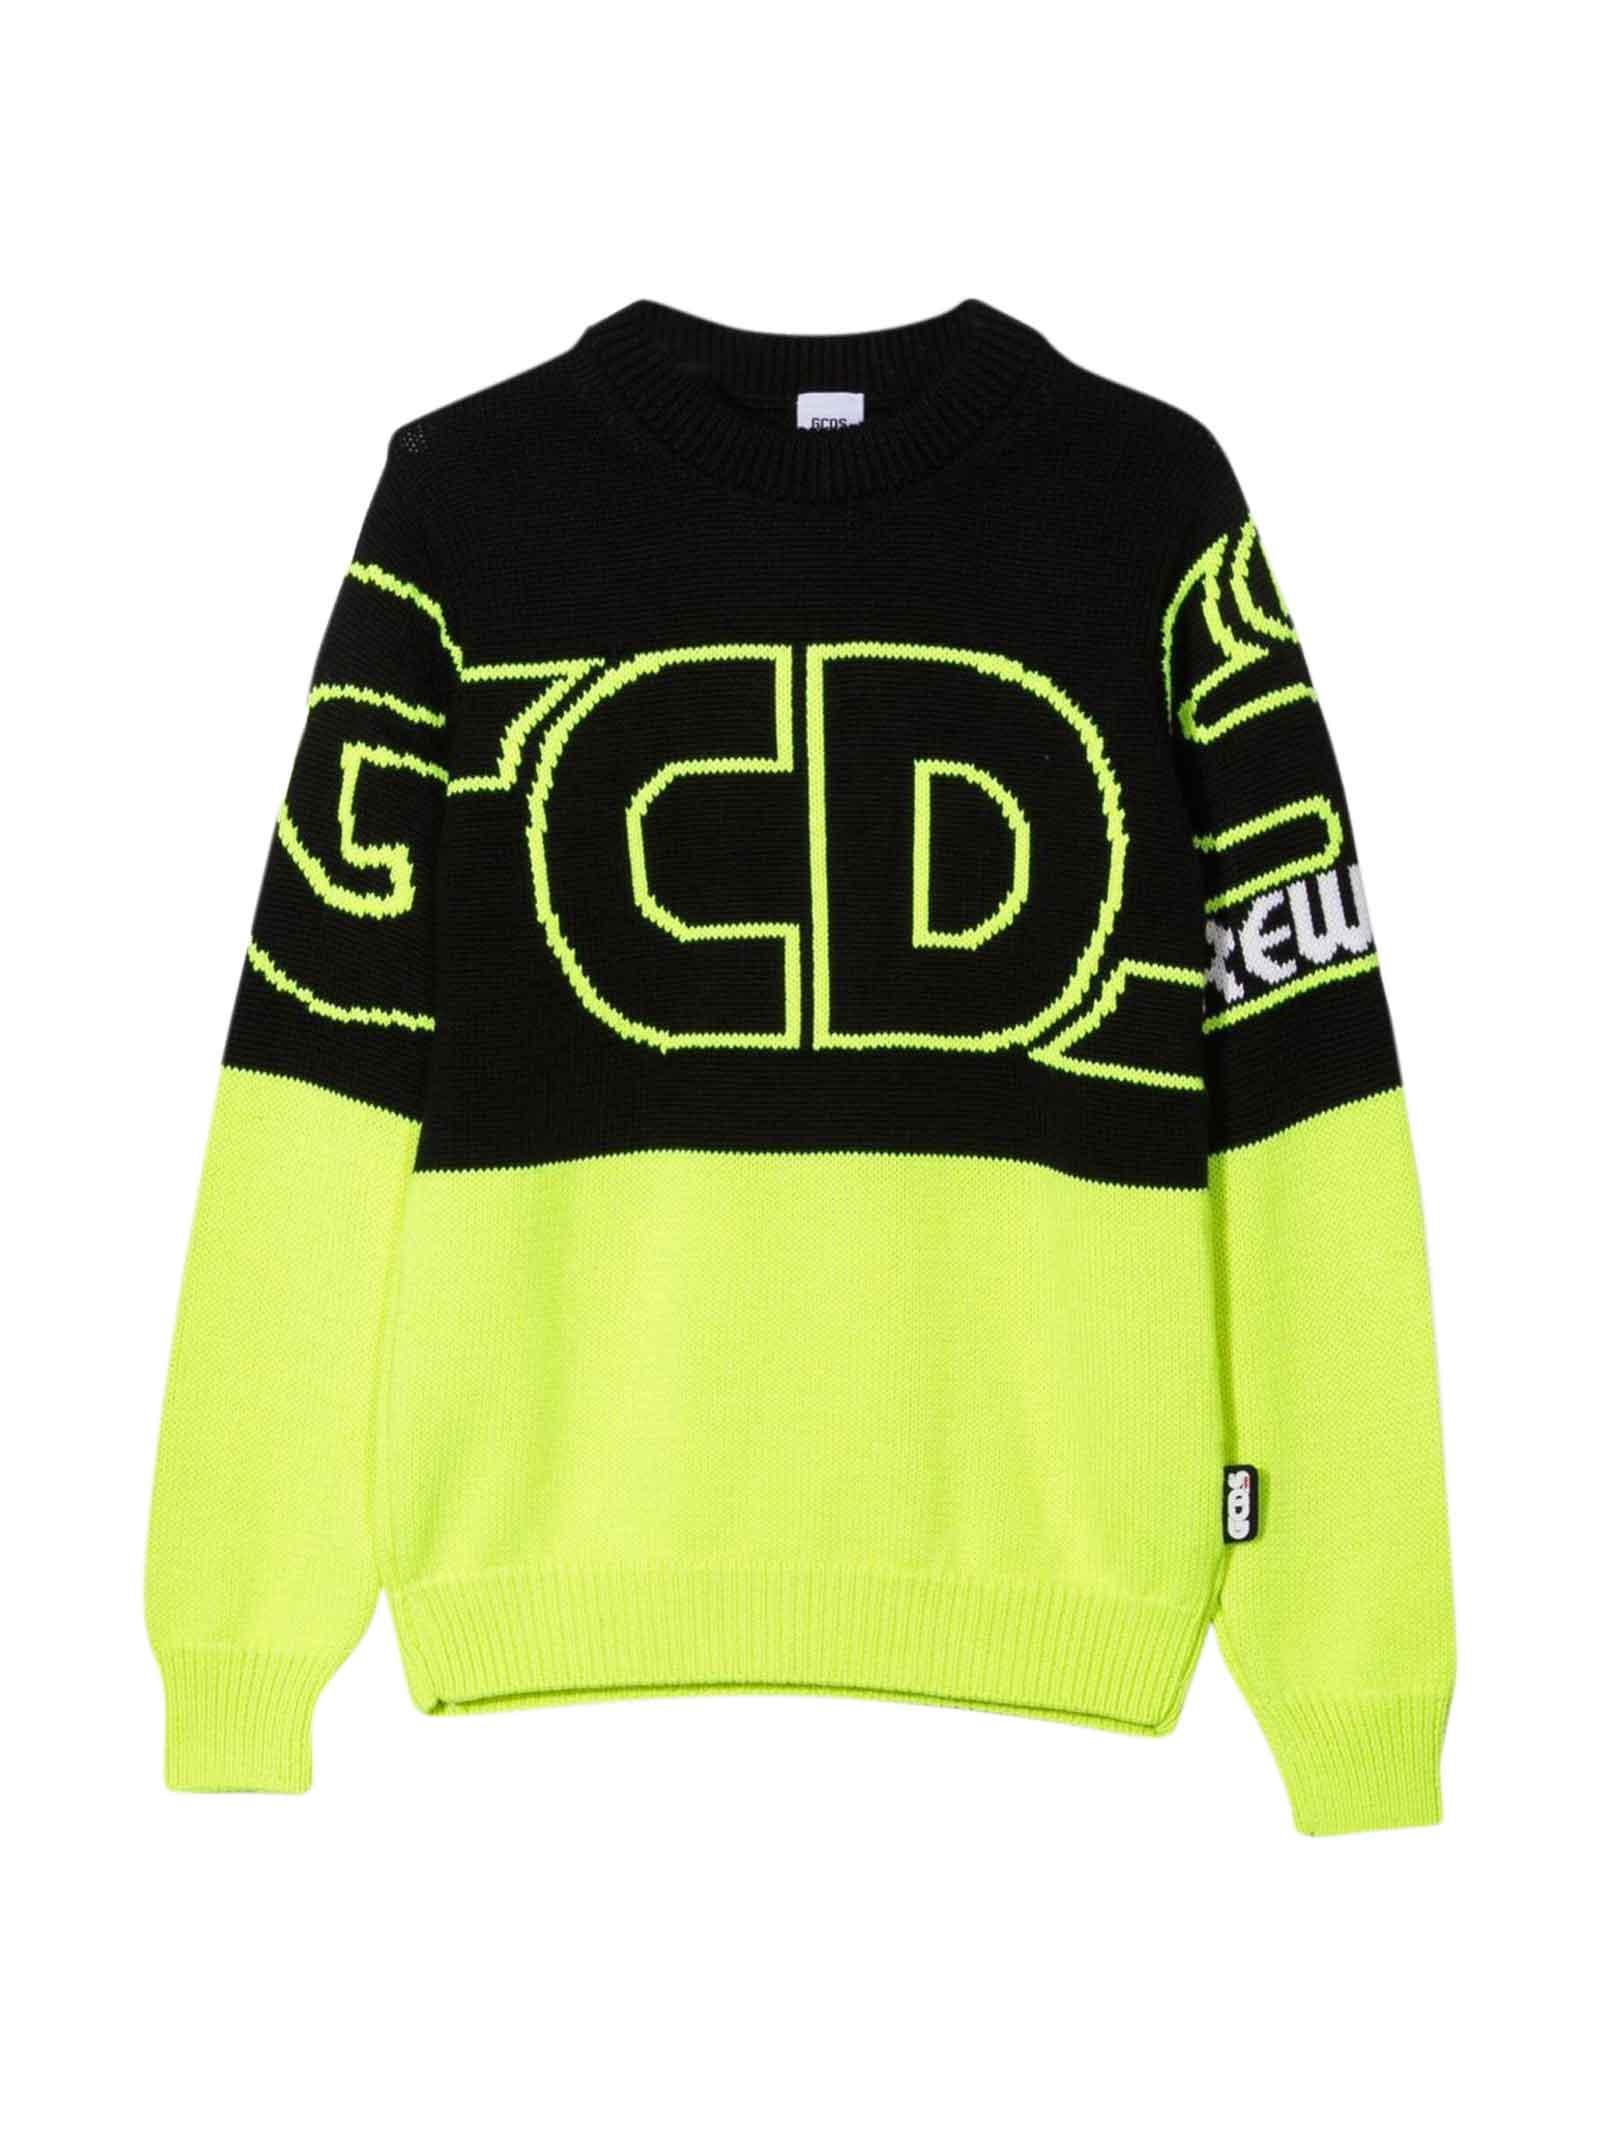 Yellow And Black Sweatshirt